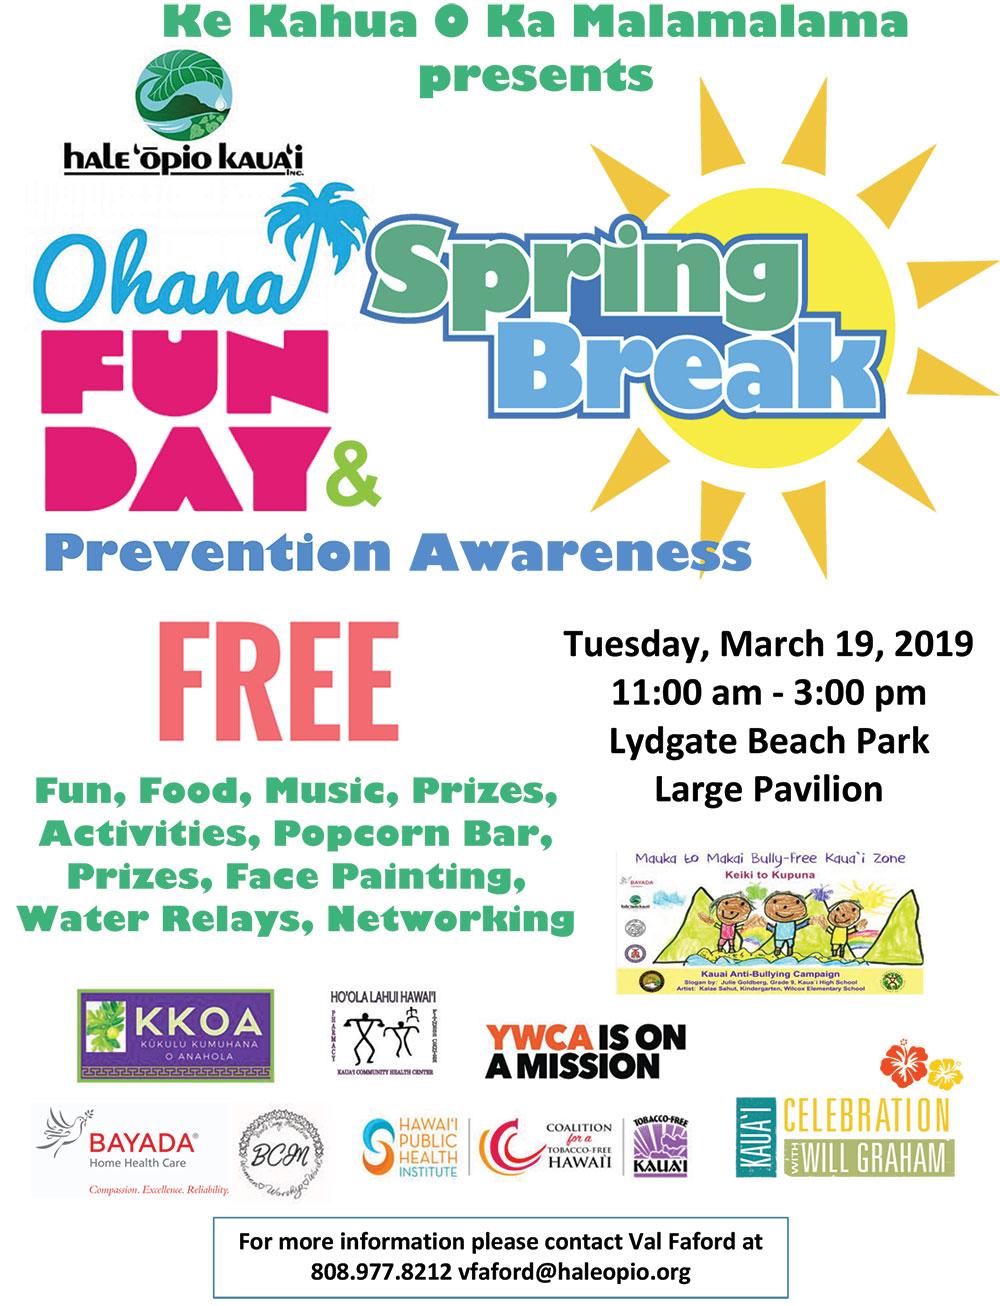 Ke Kahua O Ka Malamalama presents Ohana Fun Day & Prevention Awareness